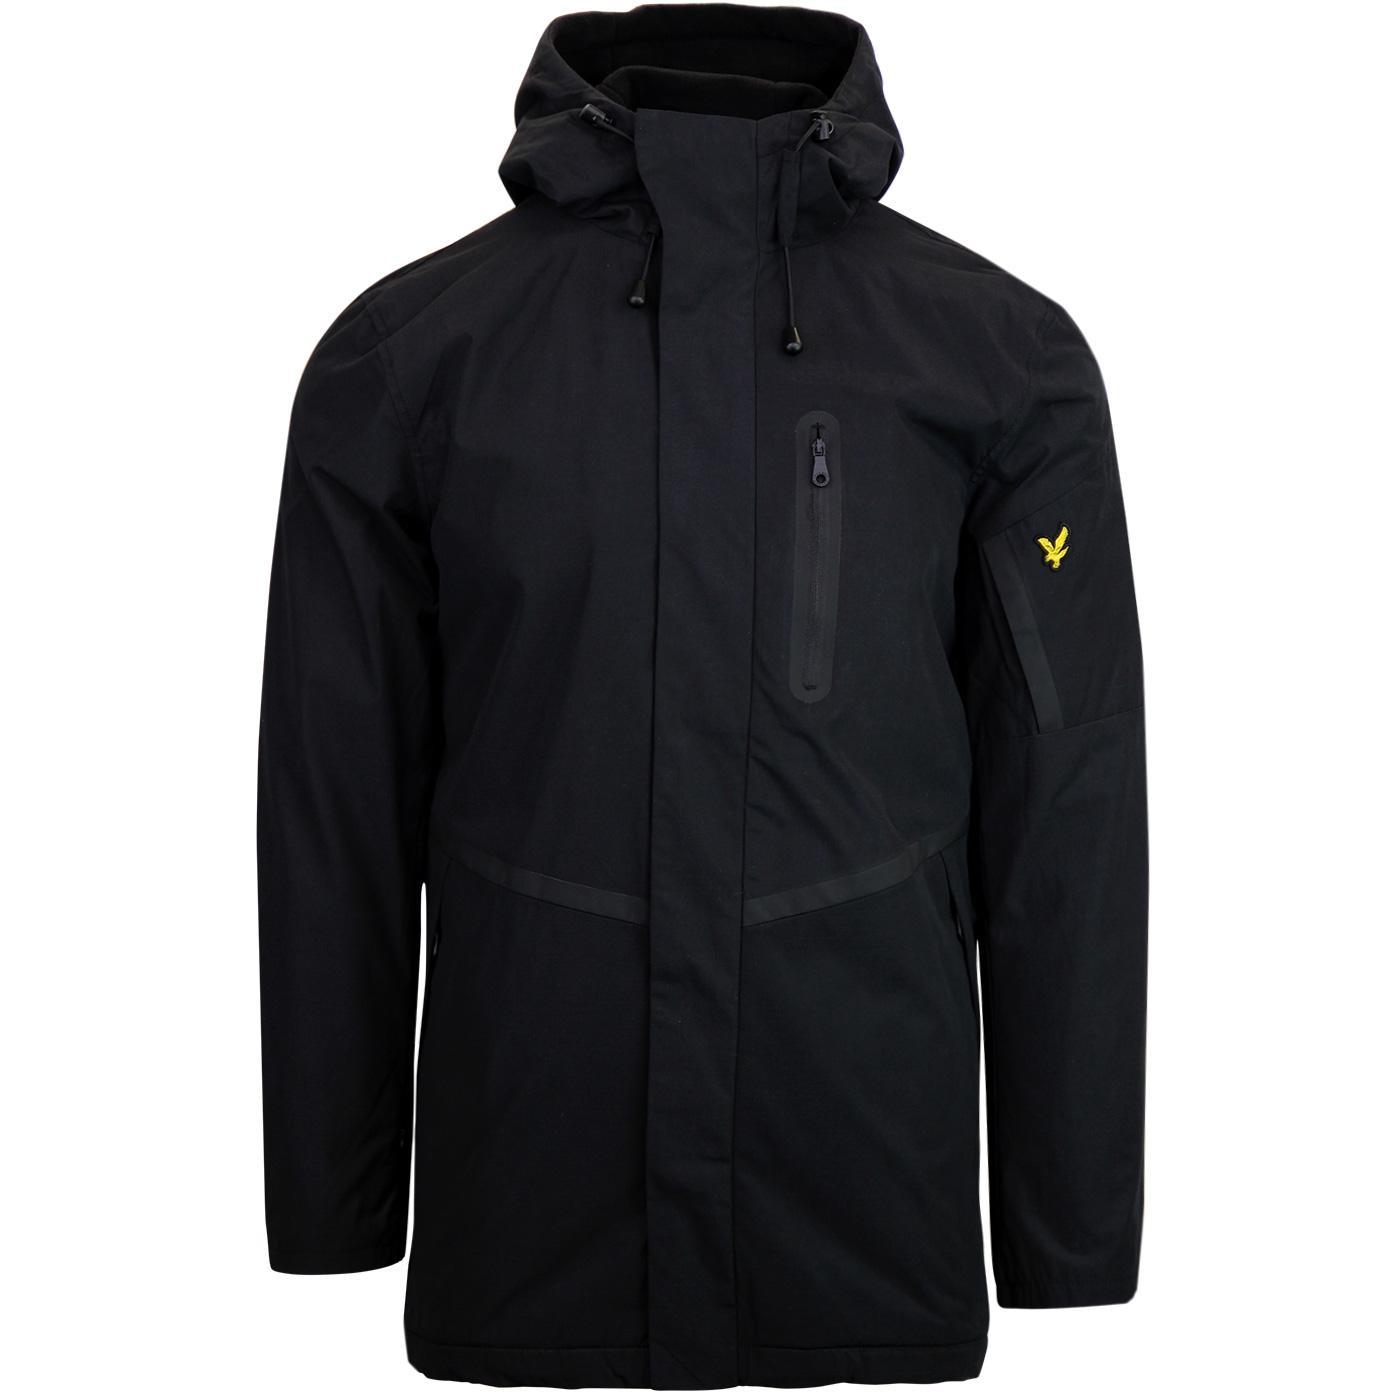 LYLE & SCOTT Mod Fleece Lined Casual Parka Jacket